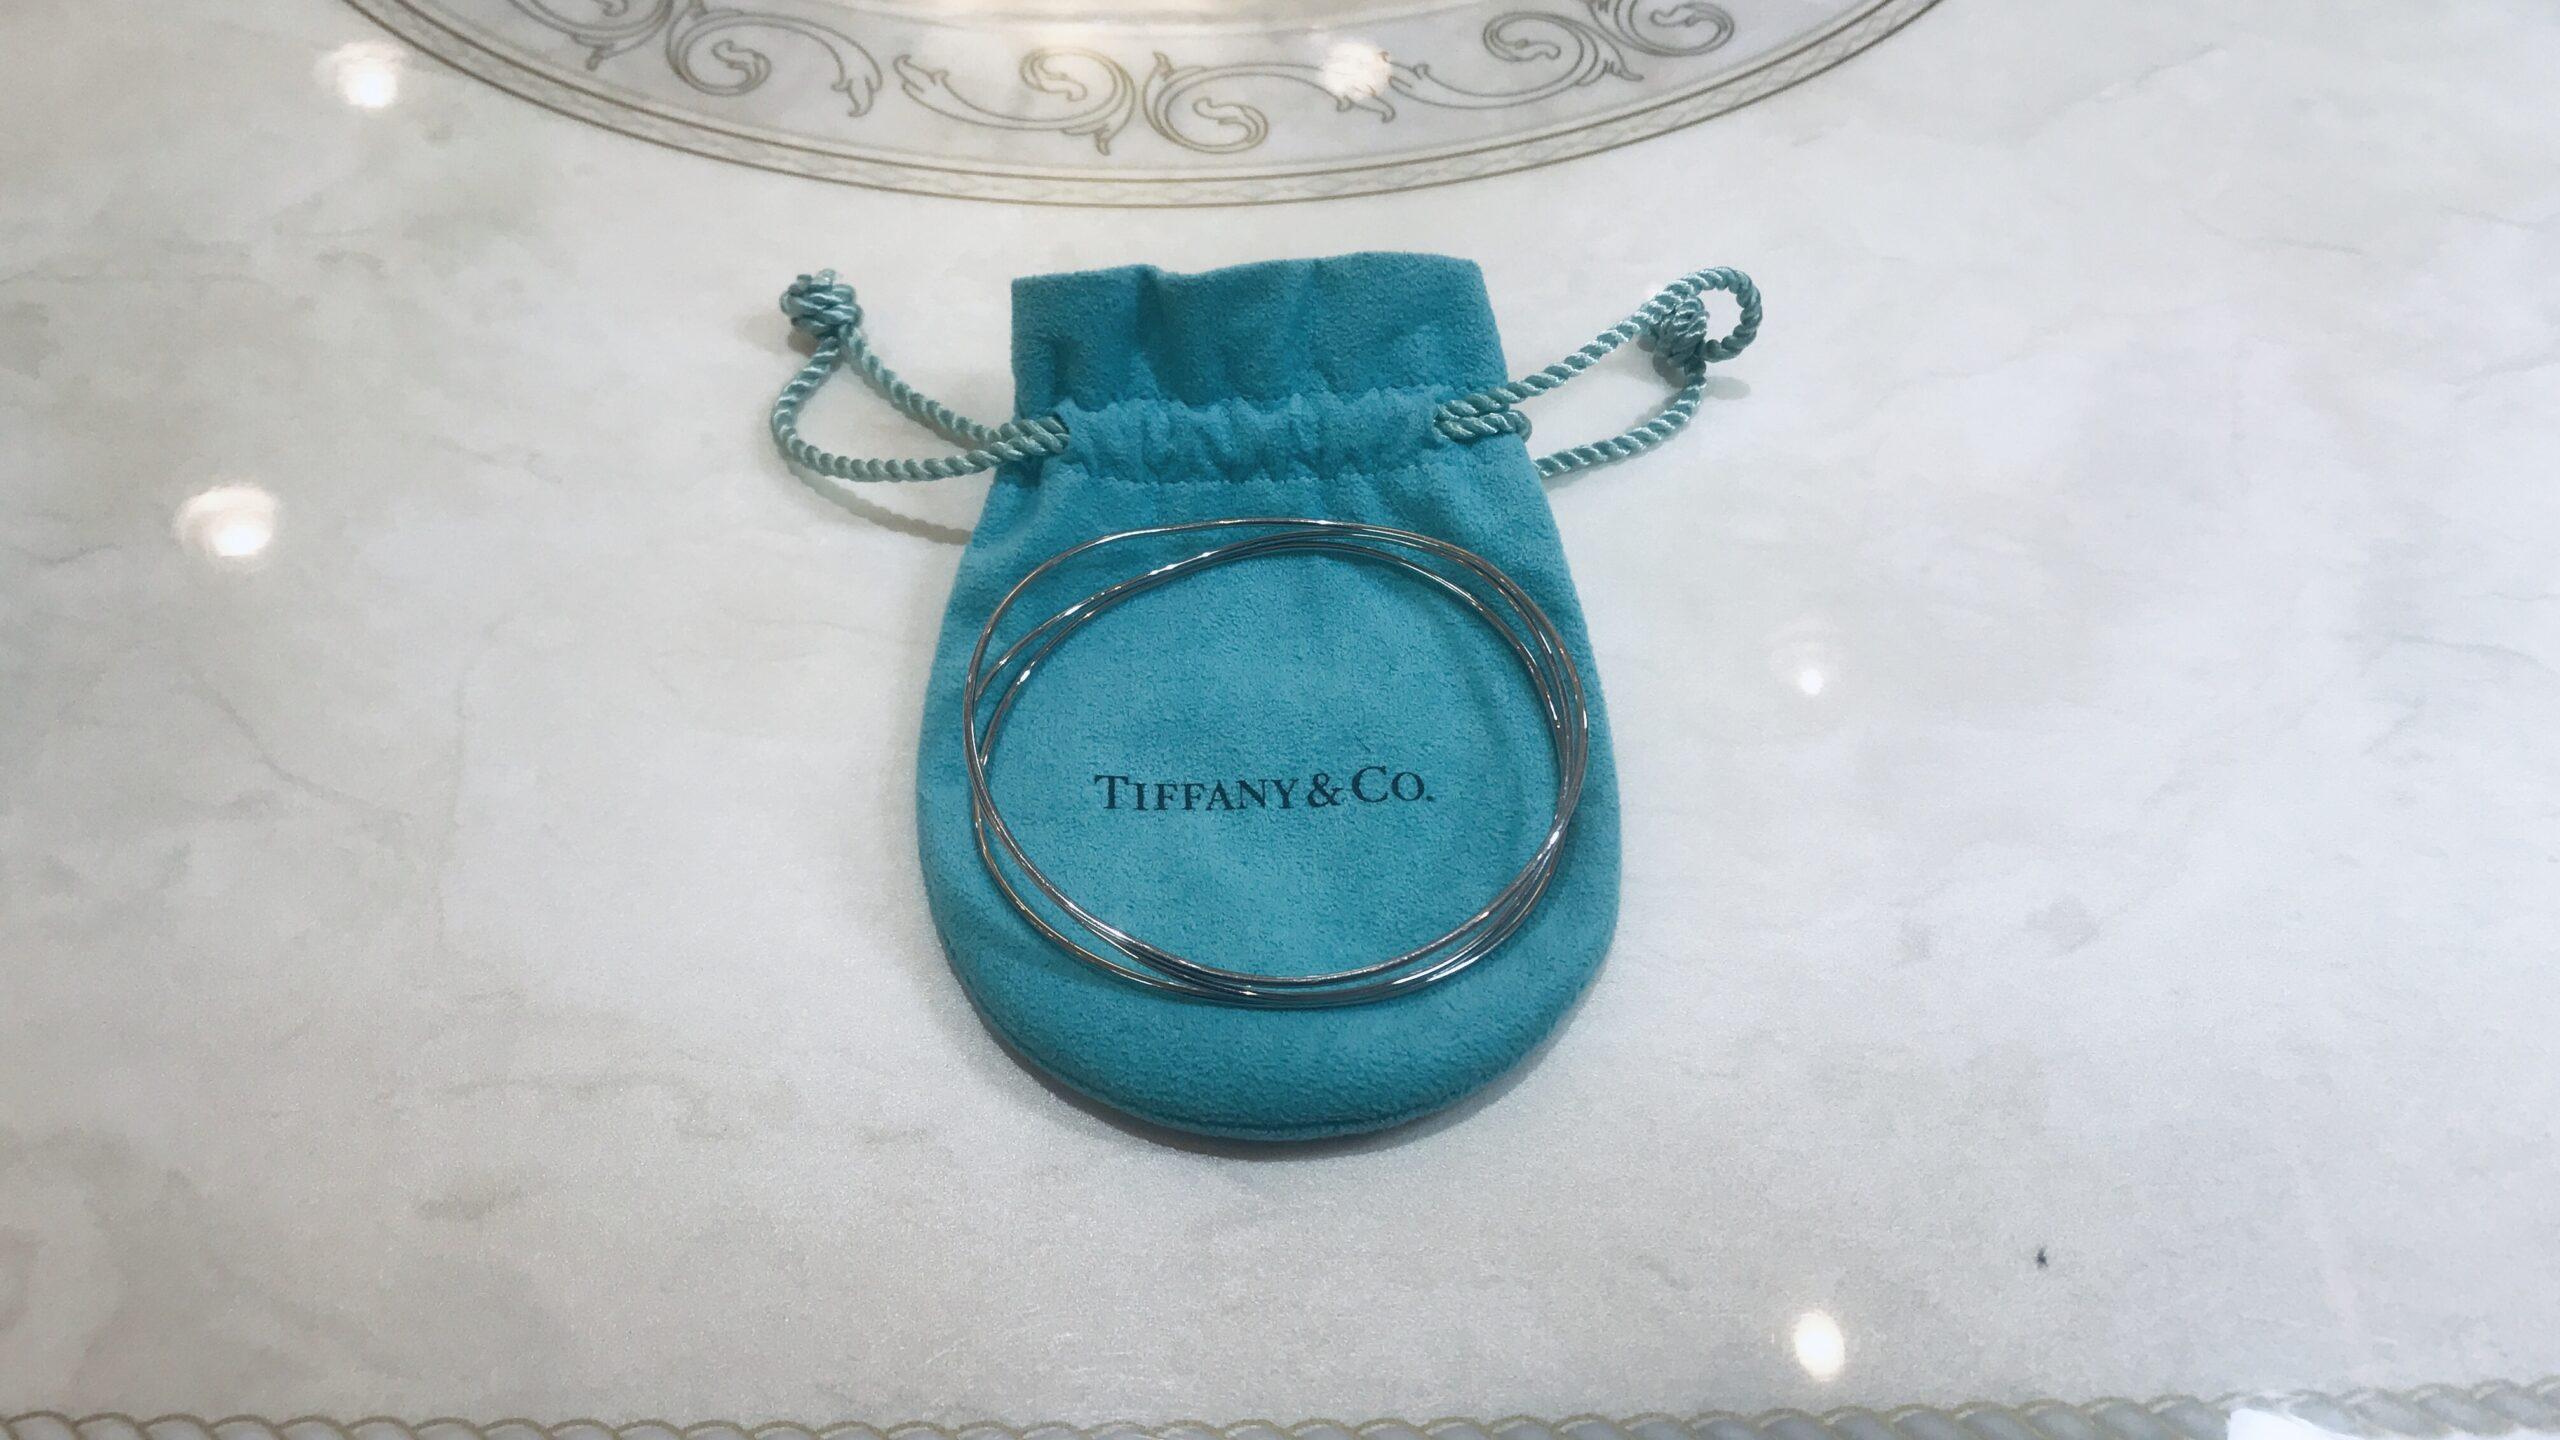 【買取速報】ブレスレット、750、Tiffany & Co.-2020-08-21